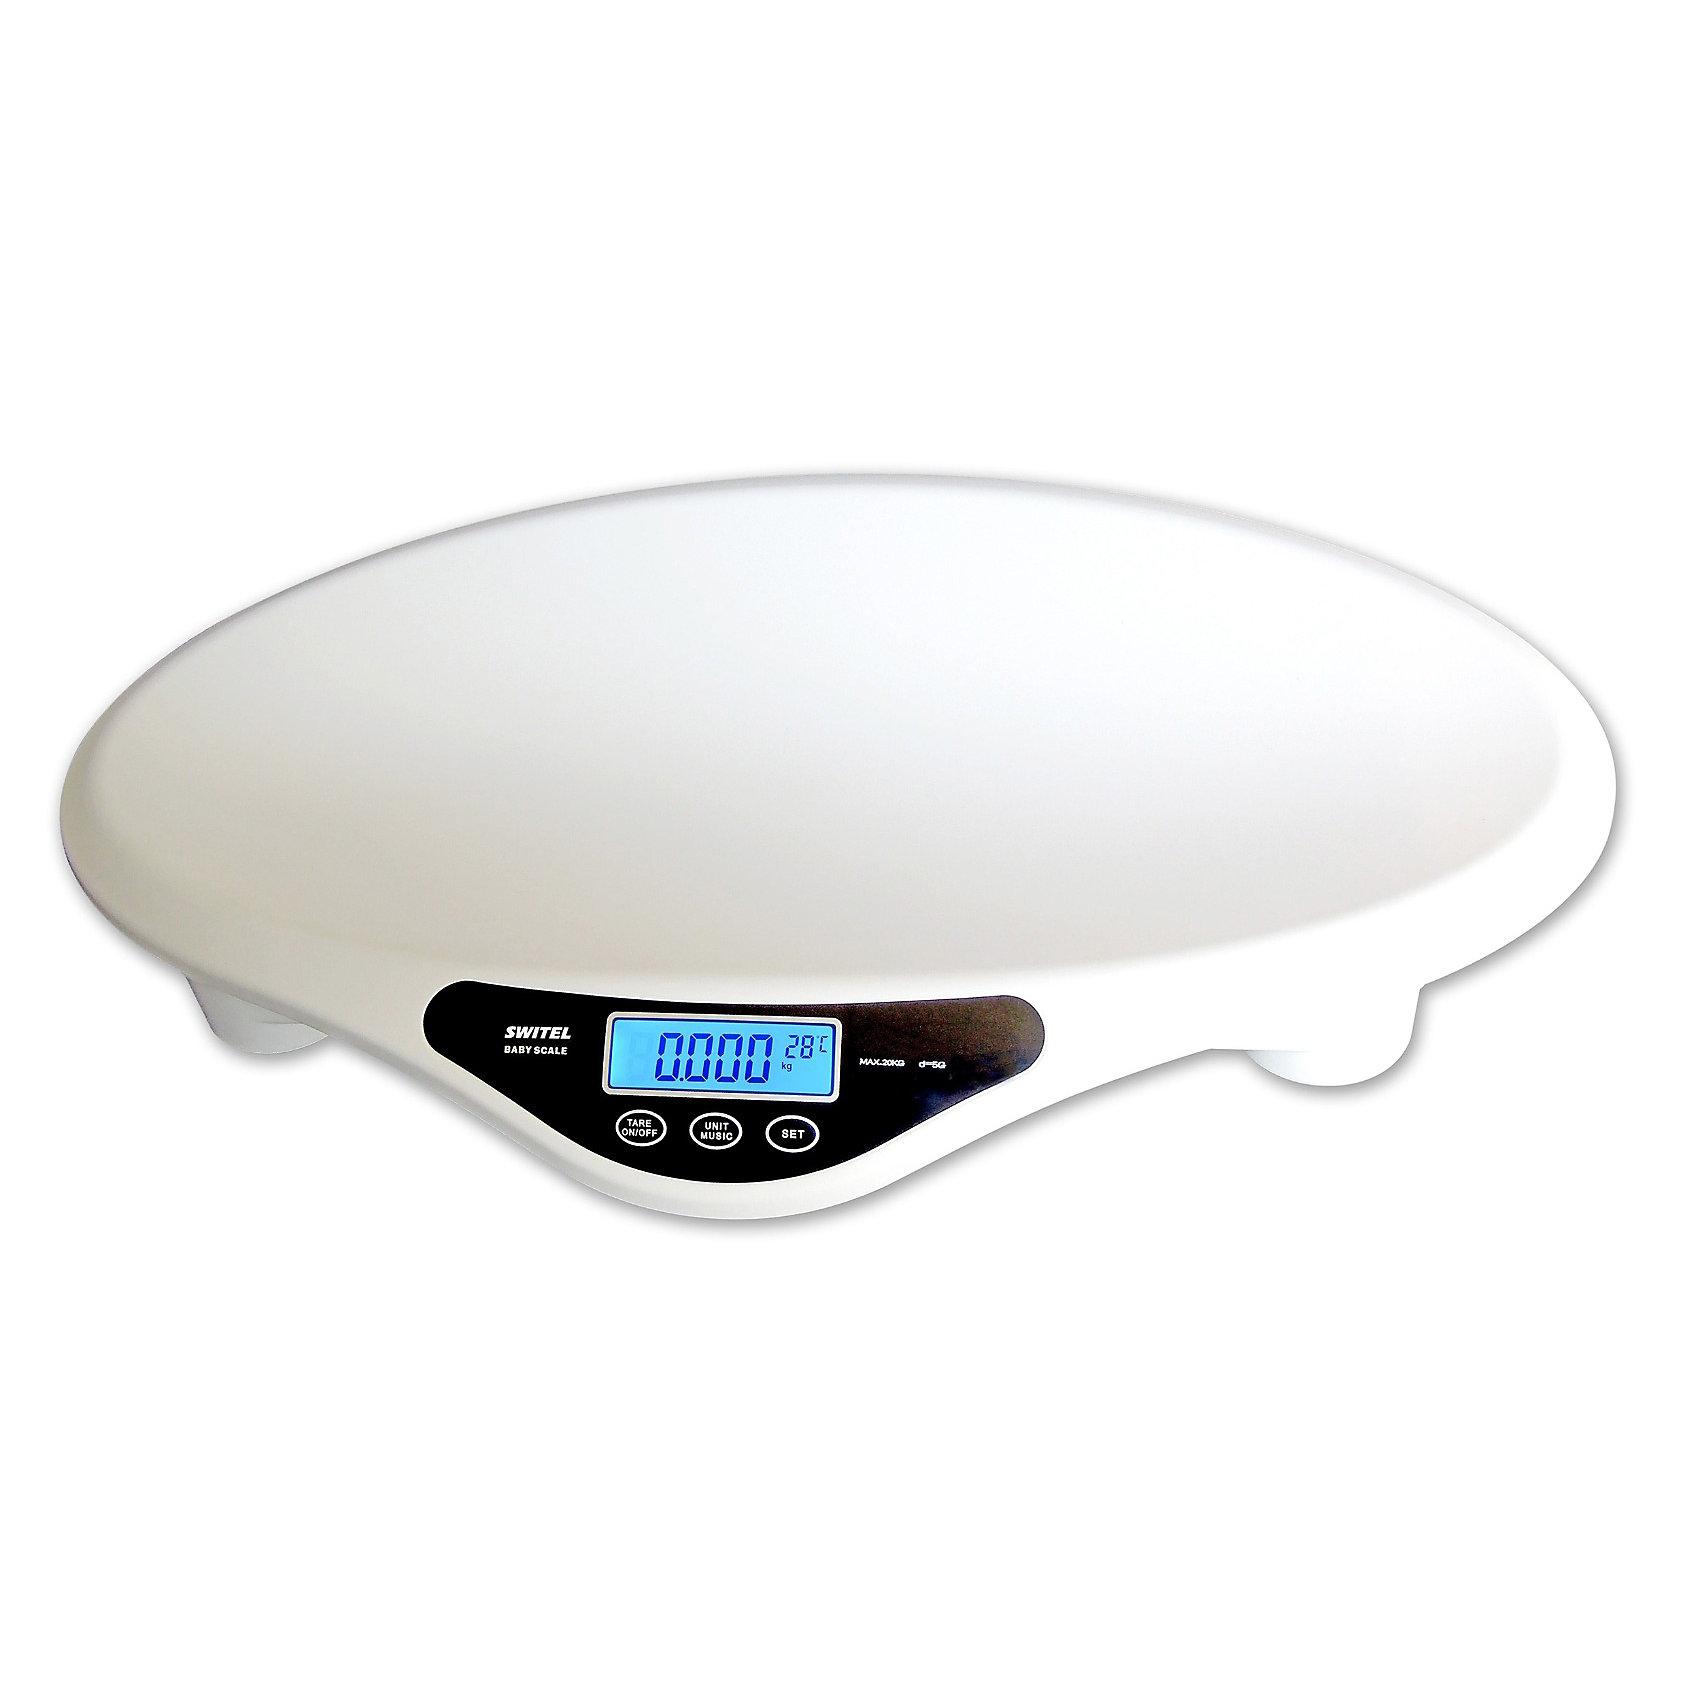 Детские электронные весы BH700, SwitelВесы для новорожденных BH700 от Switel помогут родителям в контроле за весом своего малыша.<br><br>Для того, чтобы отвлечь малыша от процесса взвешивания весы могут проигрывать 35 мелодий. Также имеется функция тара для взвешивания ребенка без пеленки для определения максимально точного веса.<br><br>Кроме того, весы позволяют еще и производить замеры роста ребенка при помощи входящей в набор ленты длиной 150 см, которая хранится в корпусе весов. Функция памяти позволяет просмотреть историю измерений: последние 10 результатов взвешивания сохраняются в памяти устройства.<br>Весы имеют функцию автоотключения и несколько видов предупреждений: индикация неустойчивого положения; индикация низкого заряда батареи, индикация перегрузки.<br><br>Дополнительная информация:<br><br>- Дисплей с подсветкой<br>- Измерение 0,1 кг до 20 кг с шагом 5 г<br>- Максимальный вес: 20 кг<br>- Индикация температуры<br>- Тара<br>- Питание: от 4-х батареек типа АА (не входят в комплект)<br>- История измерения до 10 записей<br>- Встроенный музыкальный плеер с 35 песнями<br>- Лента для измерения роста длиной 150 см<br>- Индикация низкого уровеня заряда<br>- Материал: пластик.<br>- Размер весов: 57 см х 37 см х 9 см.<br><br>Детские электронные весы BH700, Switel можно купить в нашем магазине.<br><br>Ширина мм: 700<br>Глубина мм: 462<br>Высота мм: 123<br>Вес г: 2574<br>Цвет: белый<br>Возраст от месяцев: 0<br>Возраст до месяцев: 36<br>Пол: Унисекс<br>Возраст: Детский<br>SKU: 3517841